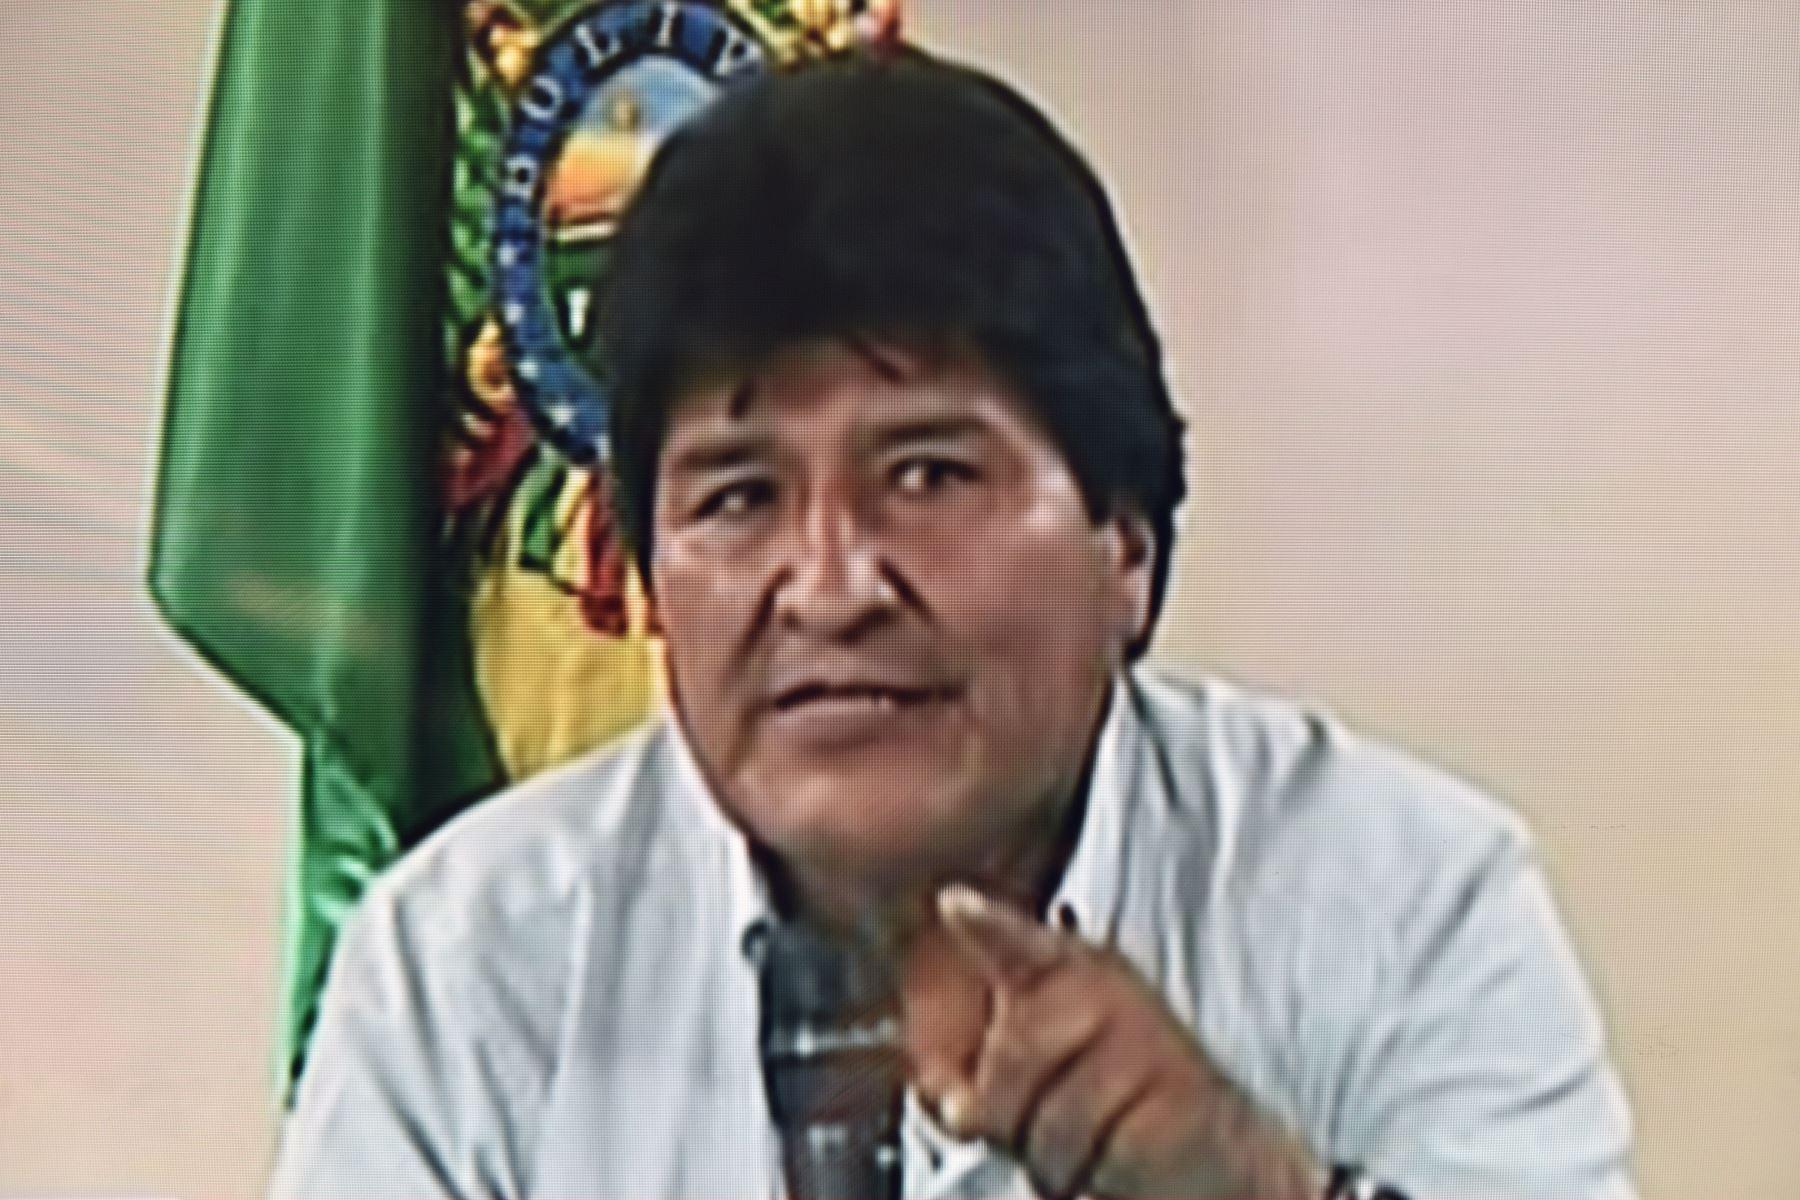 10 de noviembre de 2019 Captura tomada de un video entregado por Bolivia TV que muestra al presidente boliviano Evo Morales anunciando su renuncia. Foto: AFP